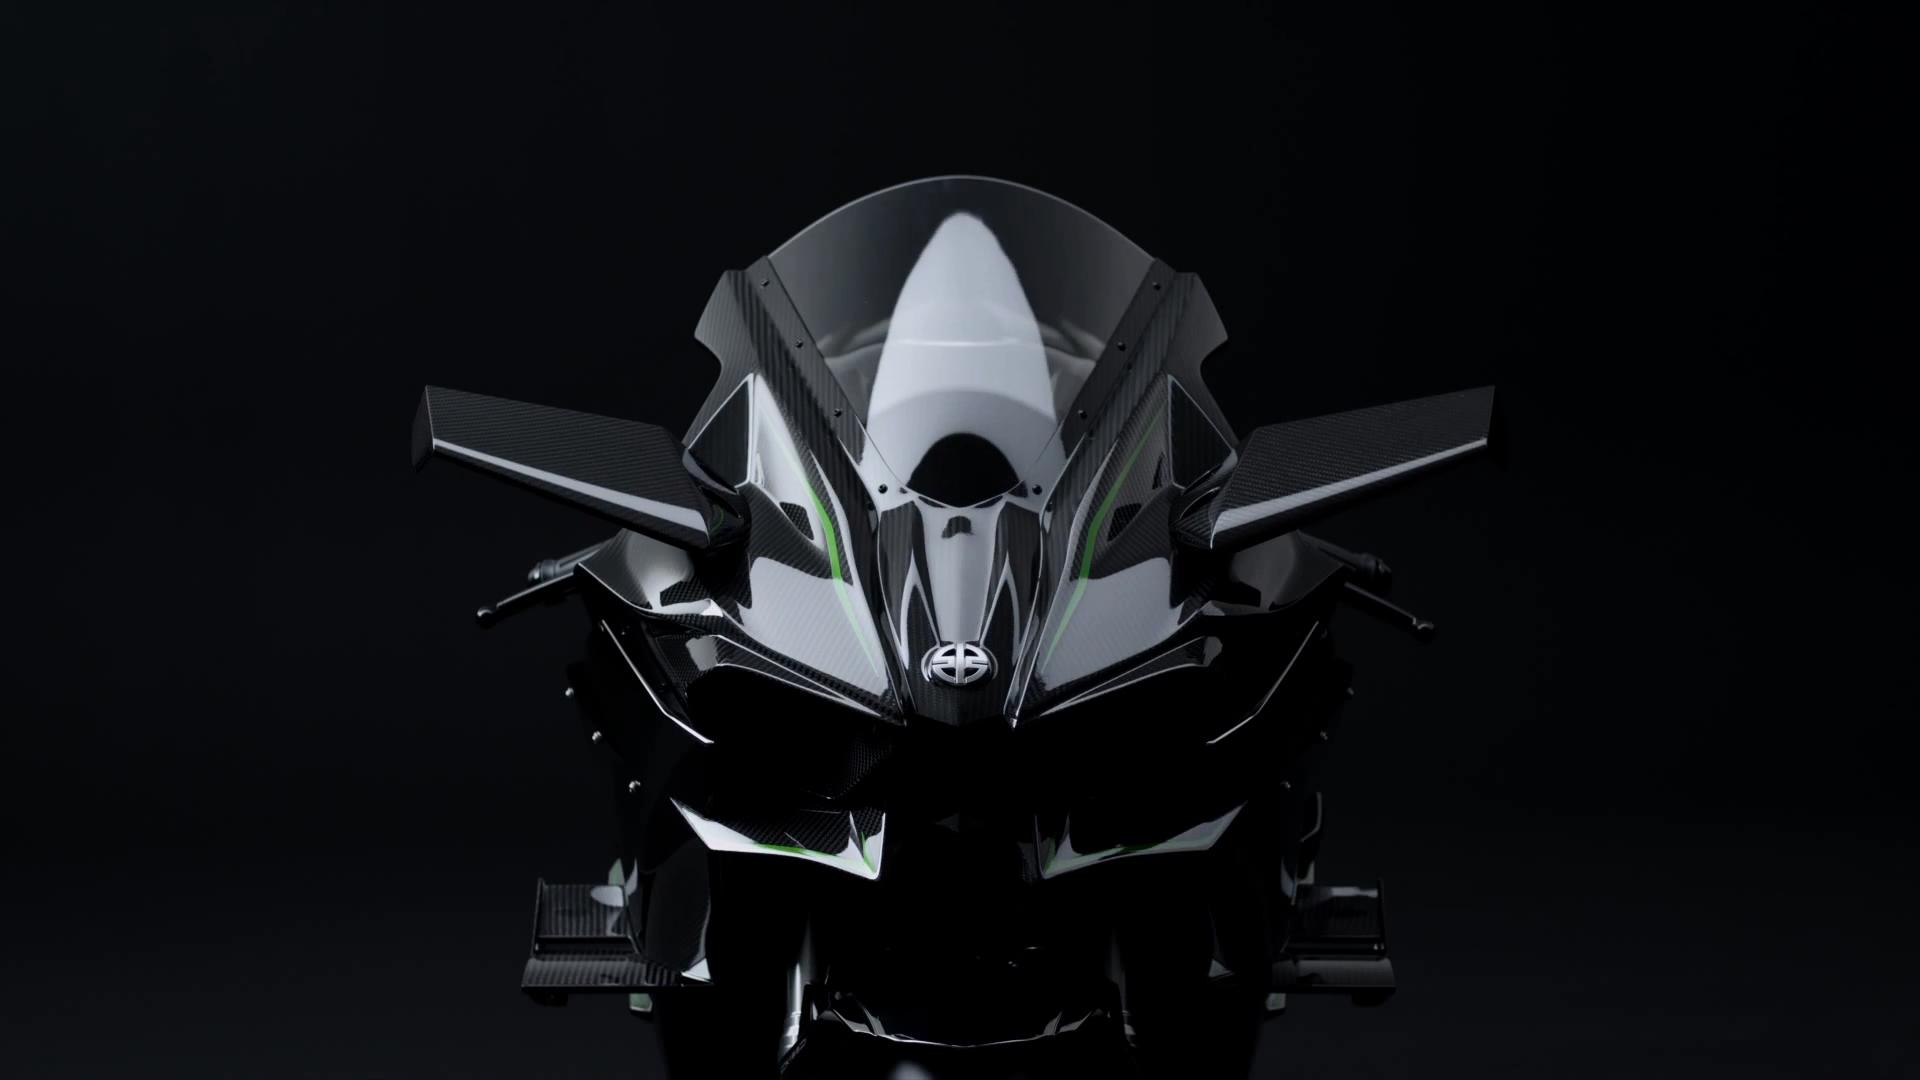 Kawasaki Ninja H2r Pics And Video Show A Game Changer